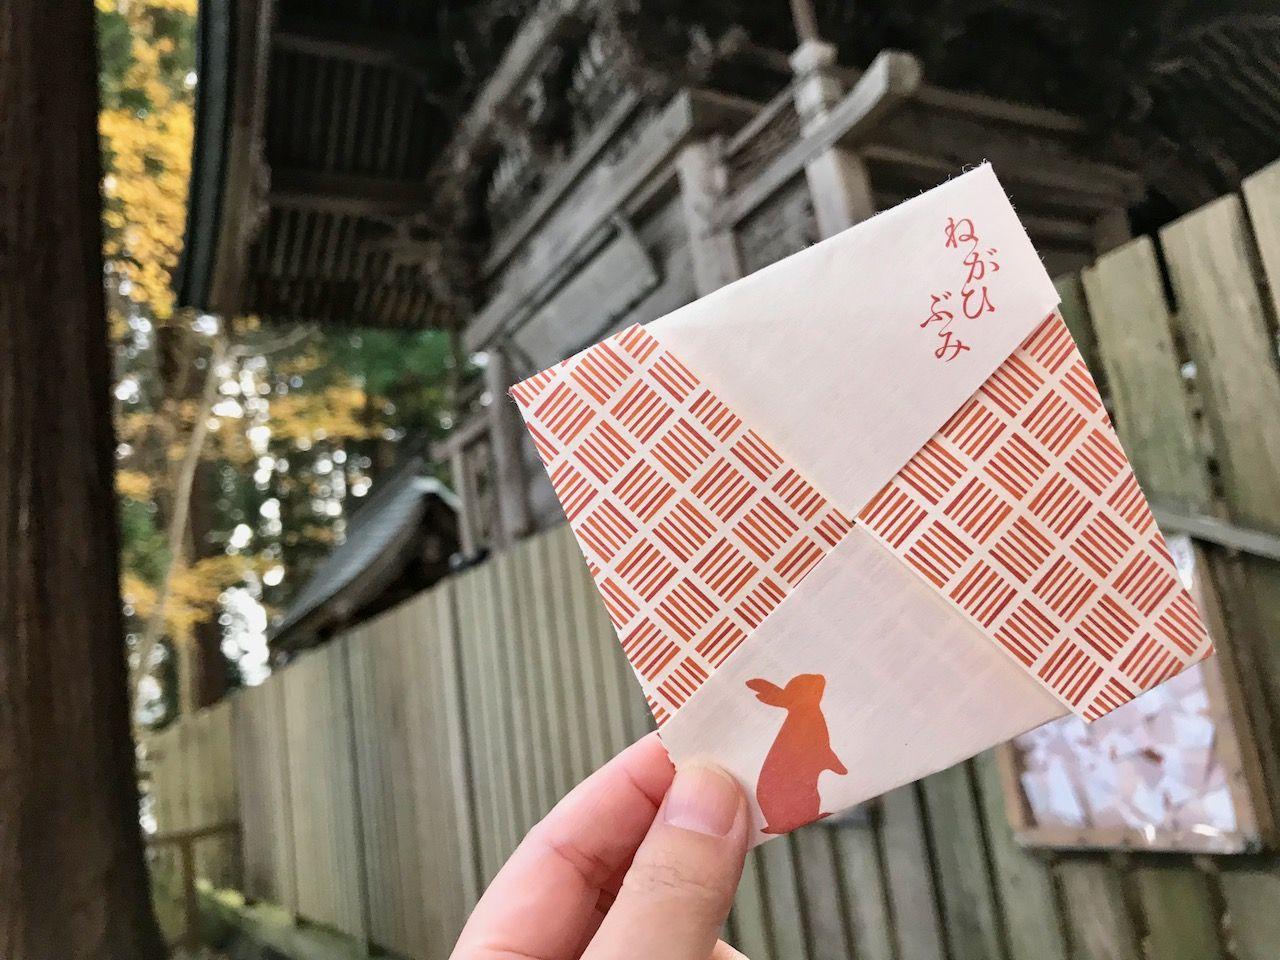 山形「熊野大社」女子旅必見のパワースポット!うさぎに願いを託して